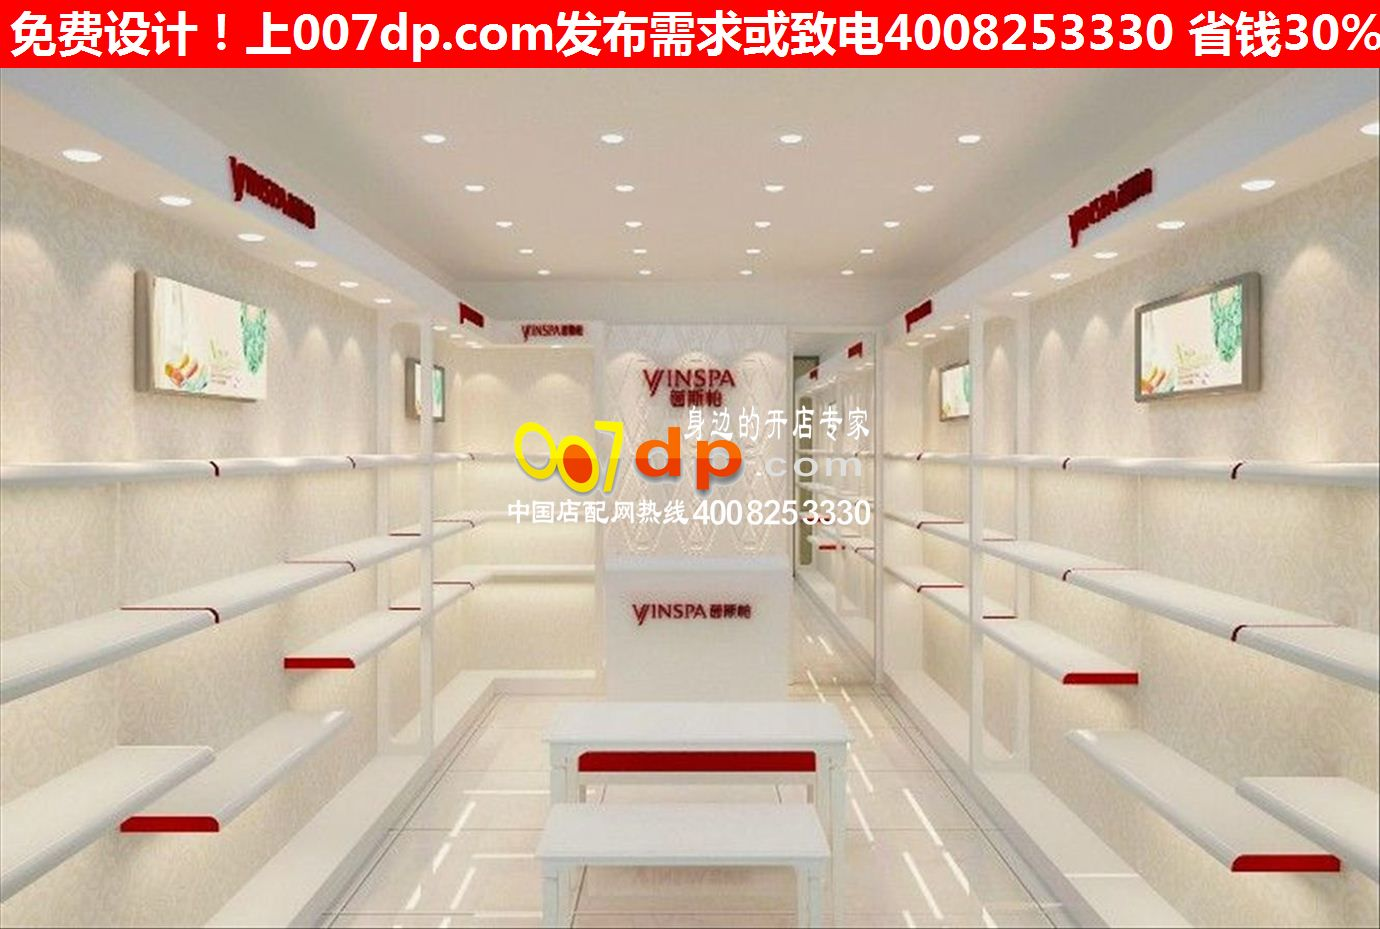 鞋店装修效果图商场鞋店装修图鞋店货架展示柜 高清图片